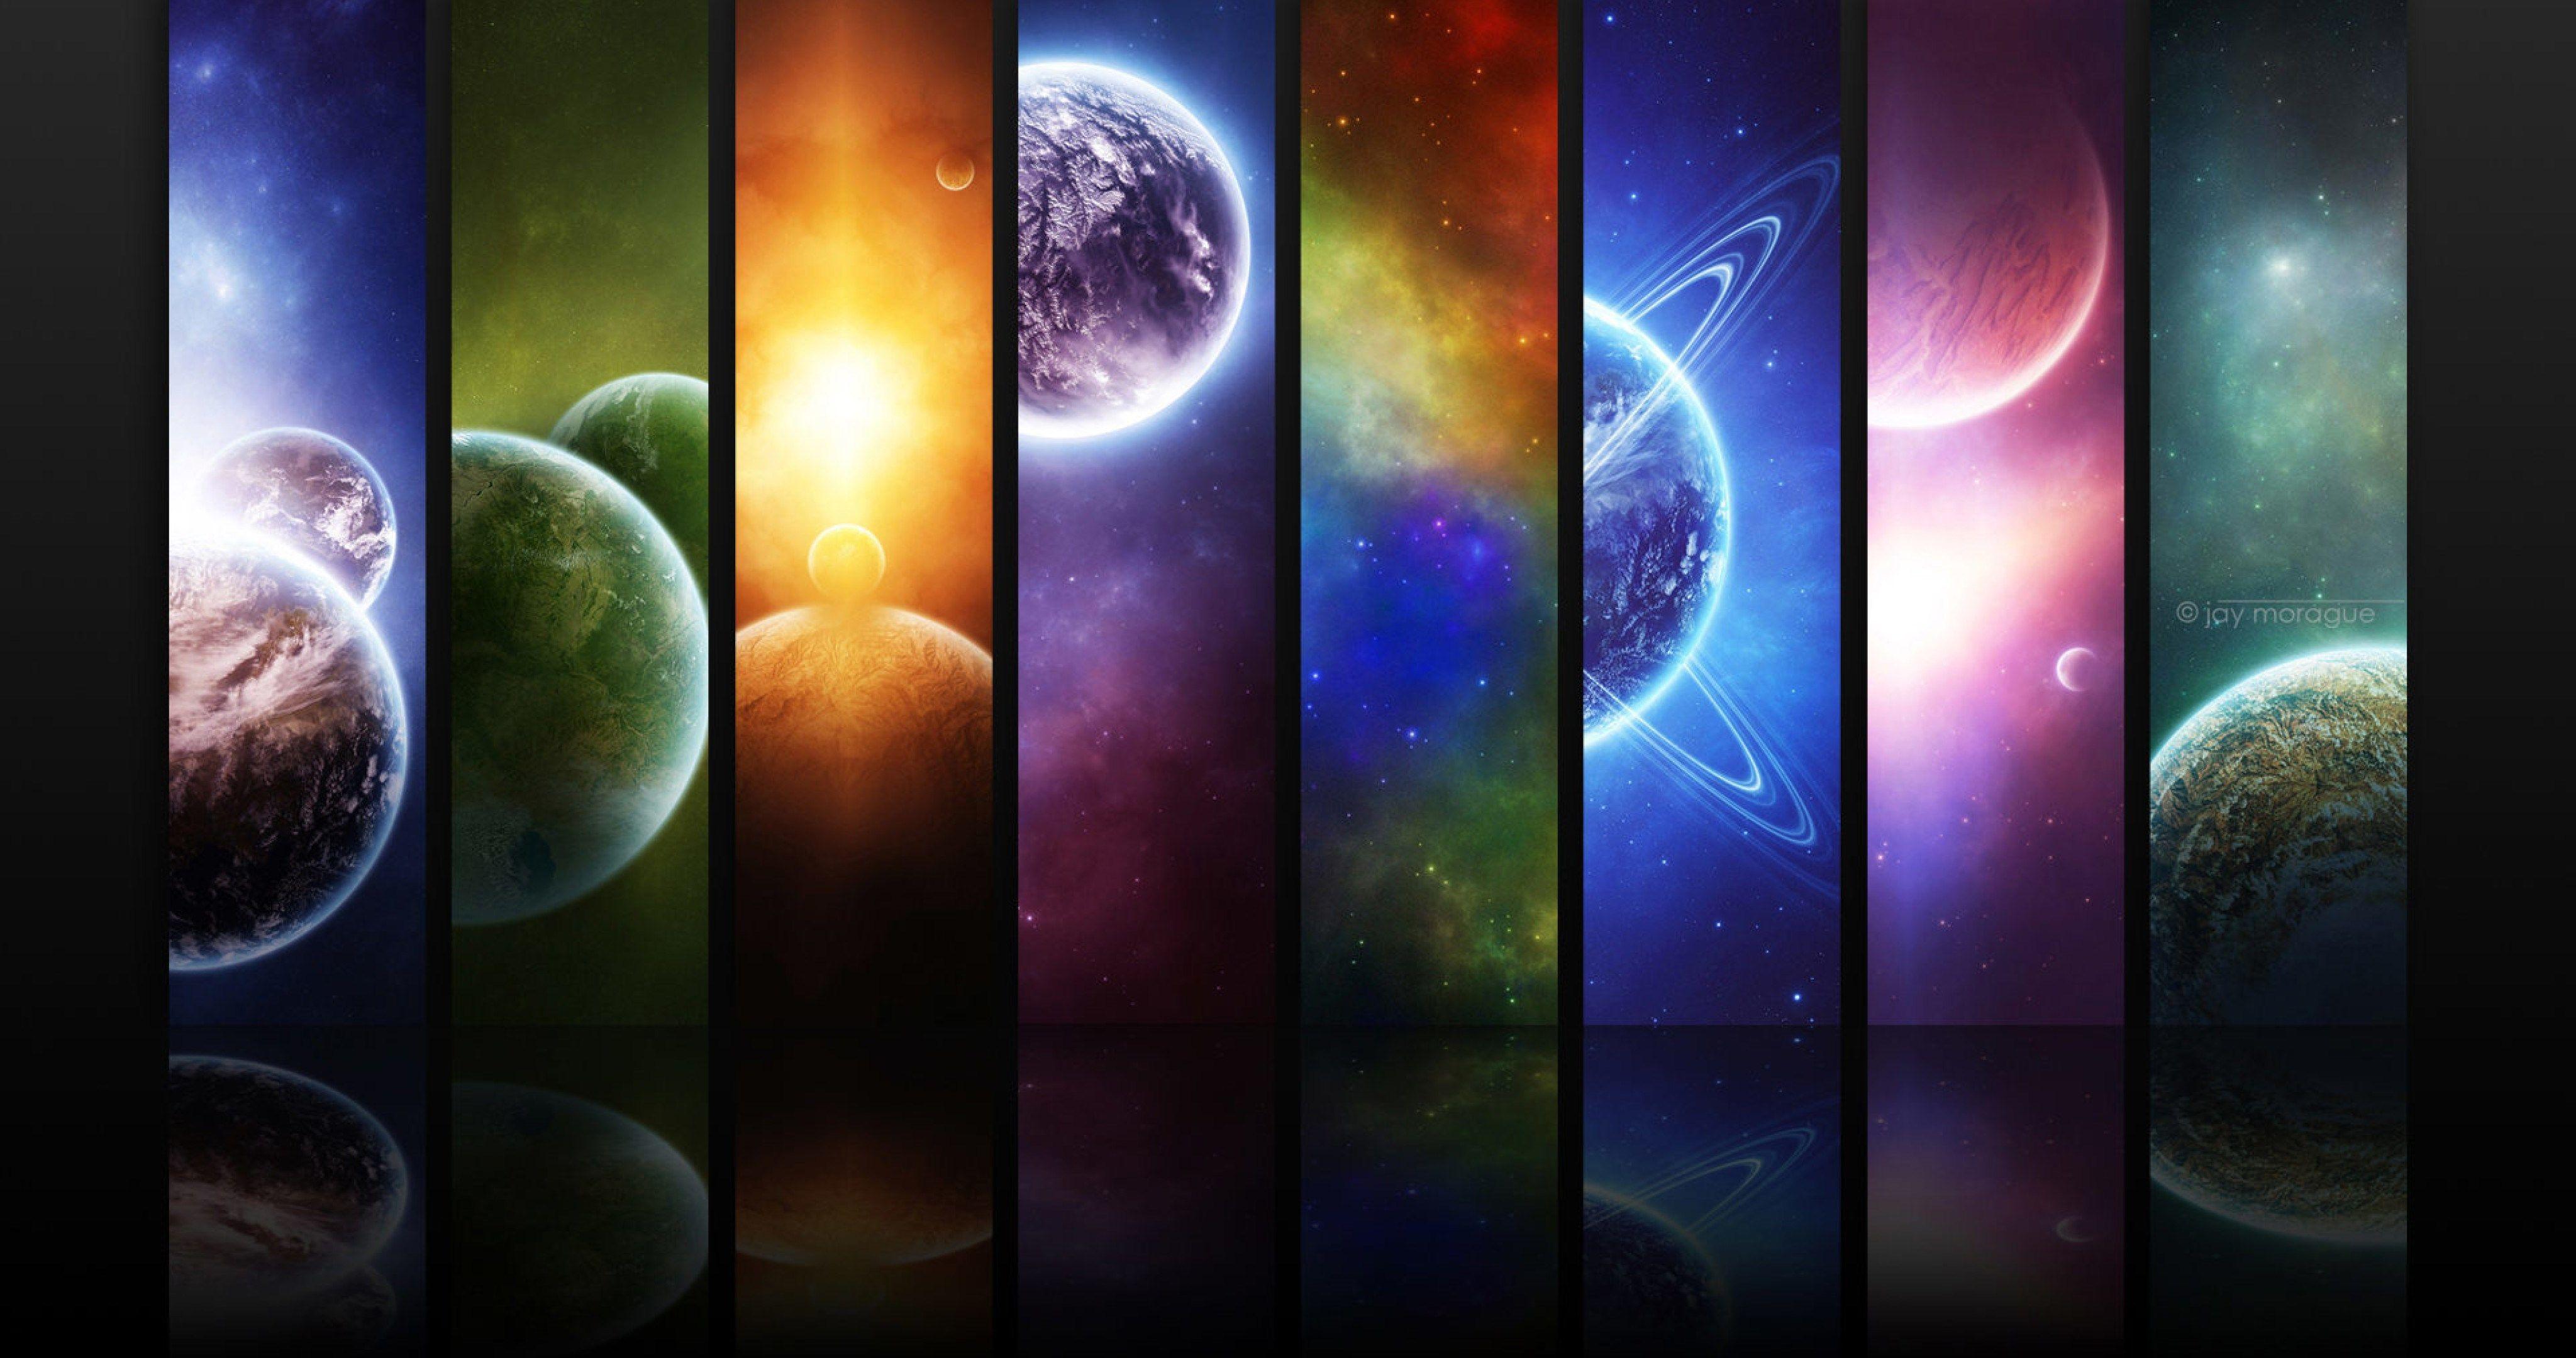 Planets Art 4k Ultra Hd Wallpaper Solar System Wallpaper Cool Desktop Backgrounds System Wallpaper